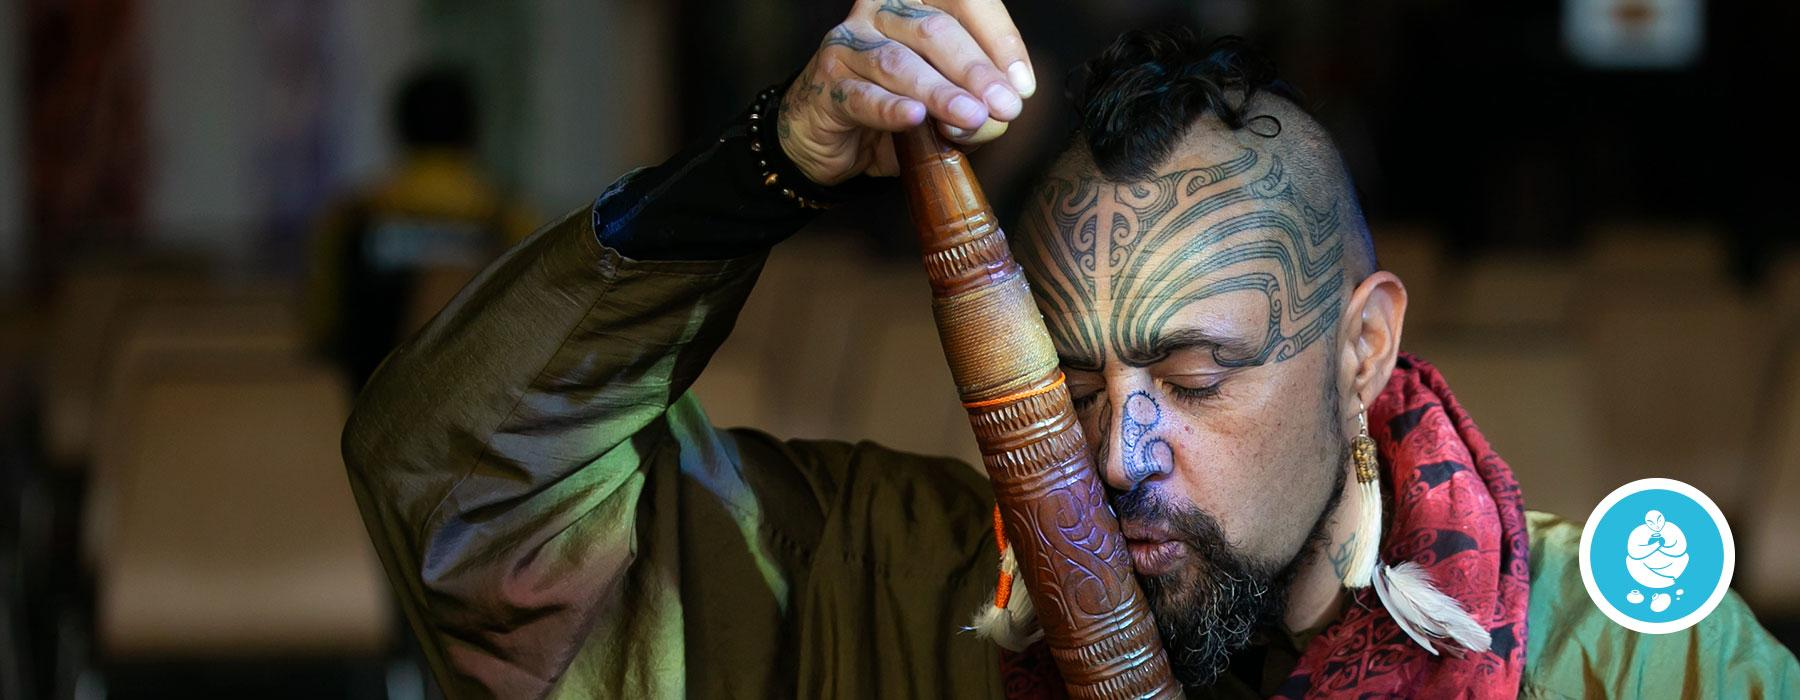 Man plays a Māori musical instrument